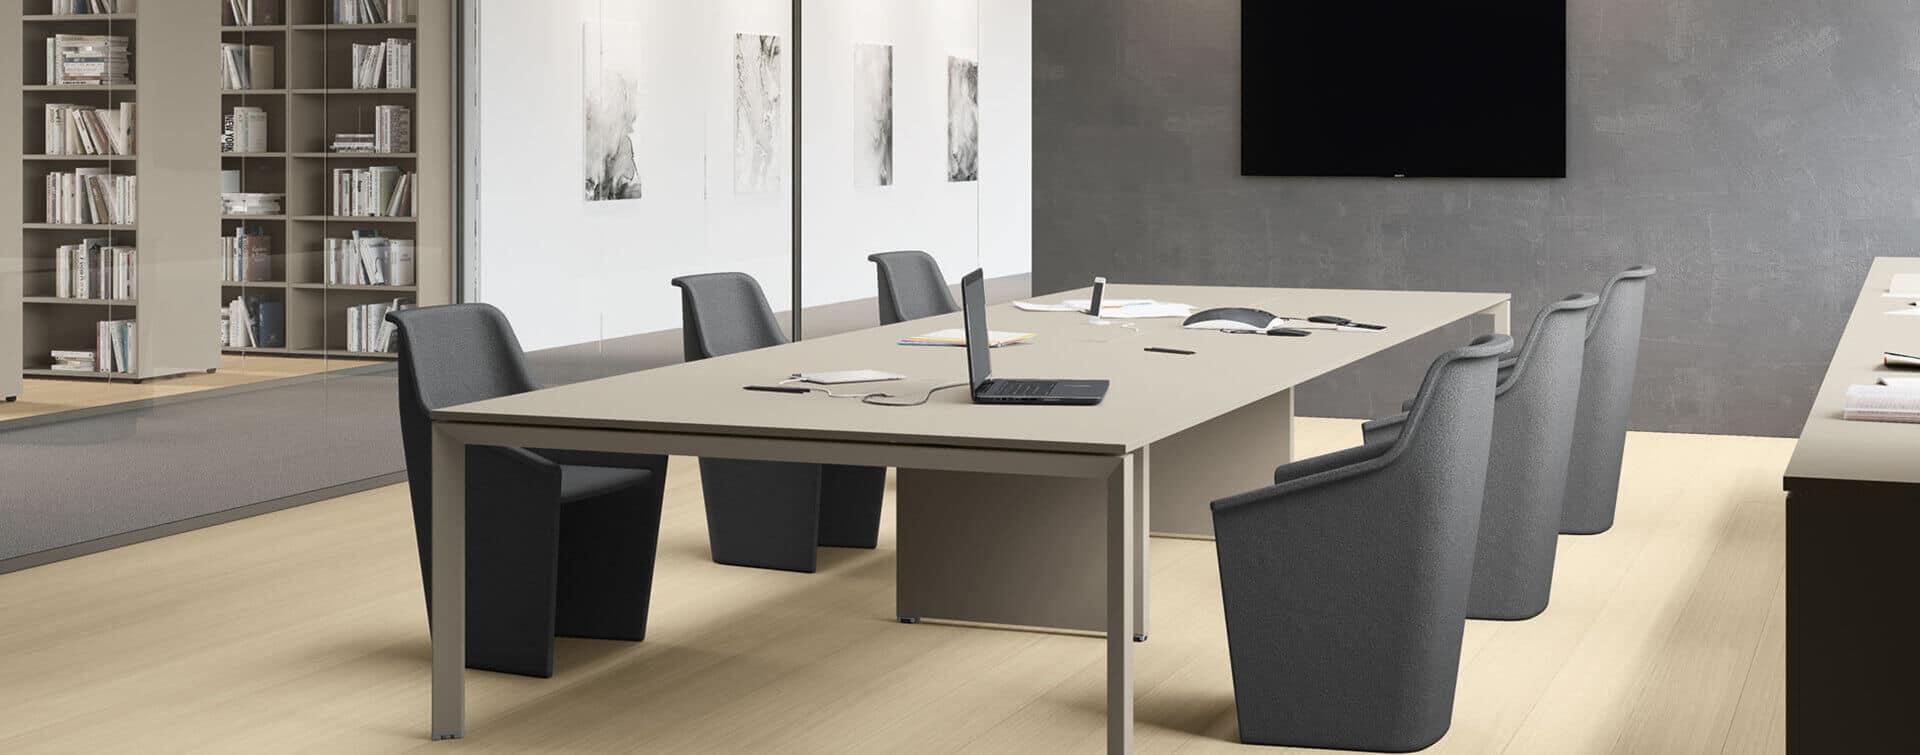 Ambiente en salas de reuniones, beneficio para la empresa